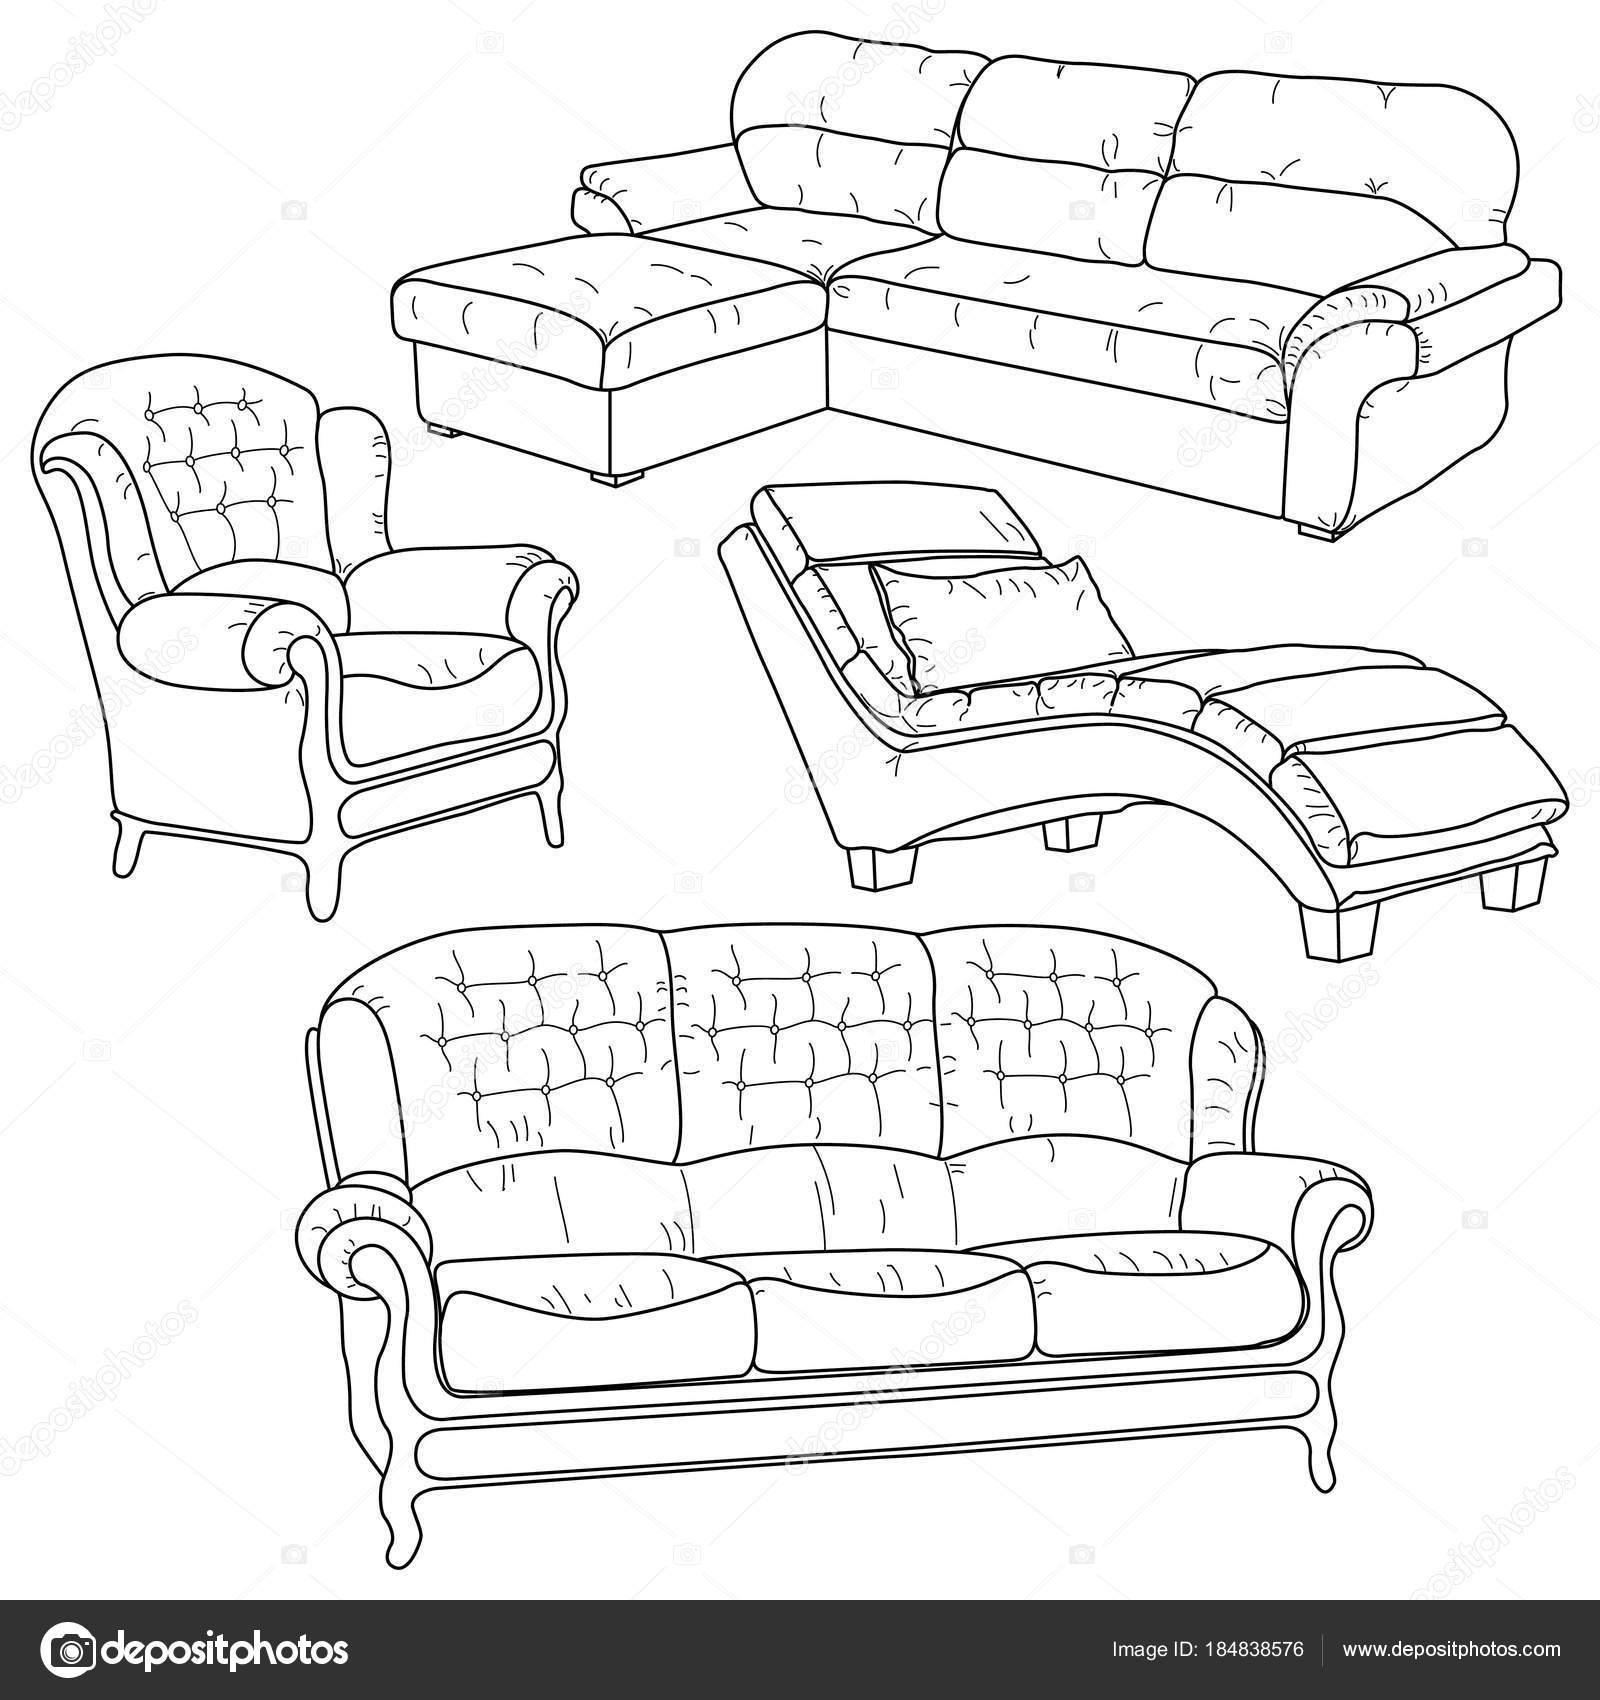 Векторный набор с рисованной рисунков — Векторное изображение